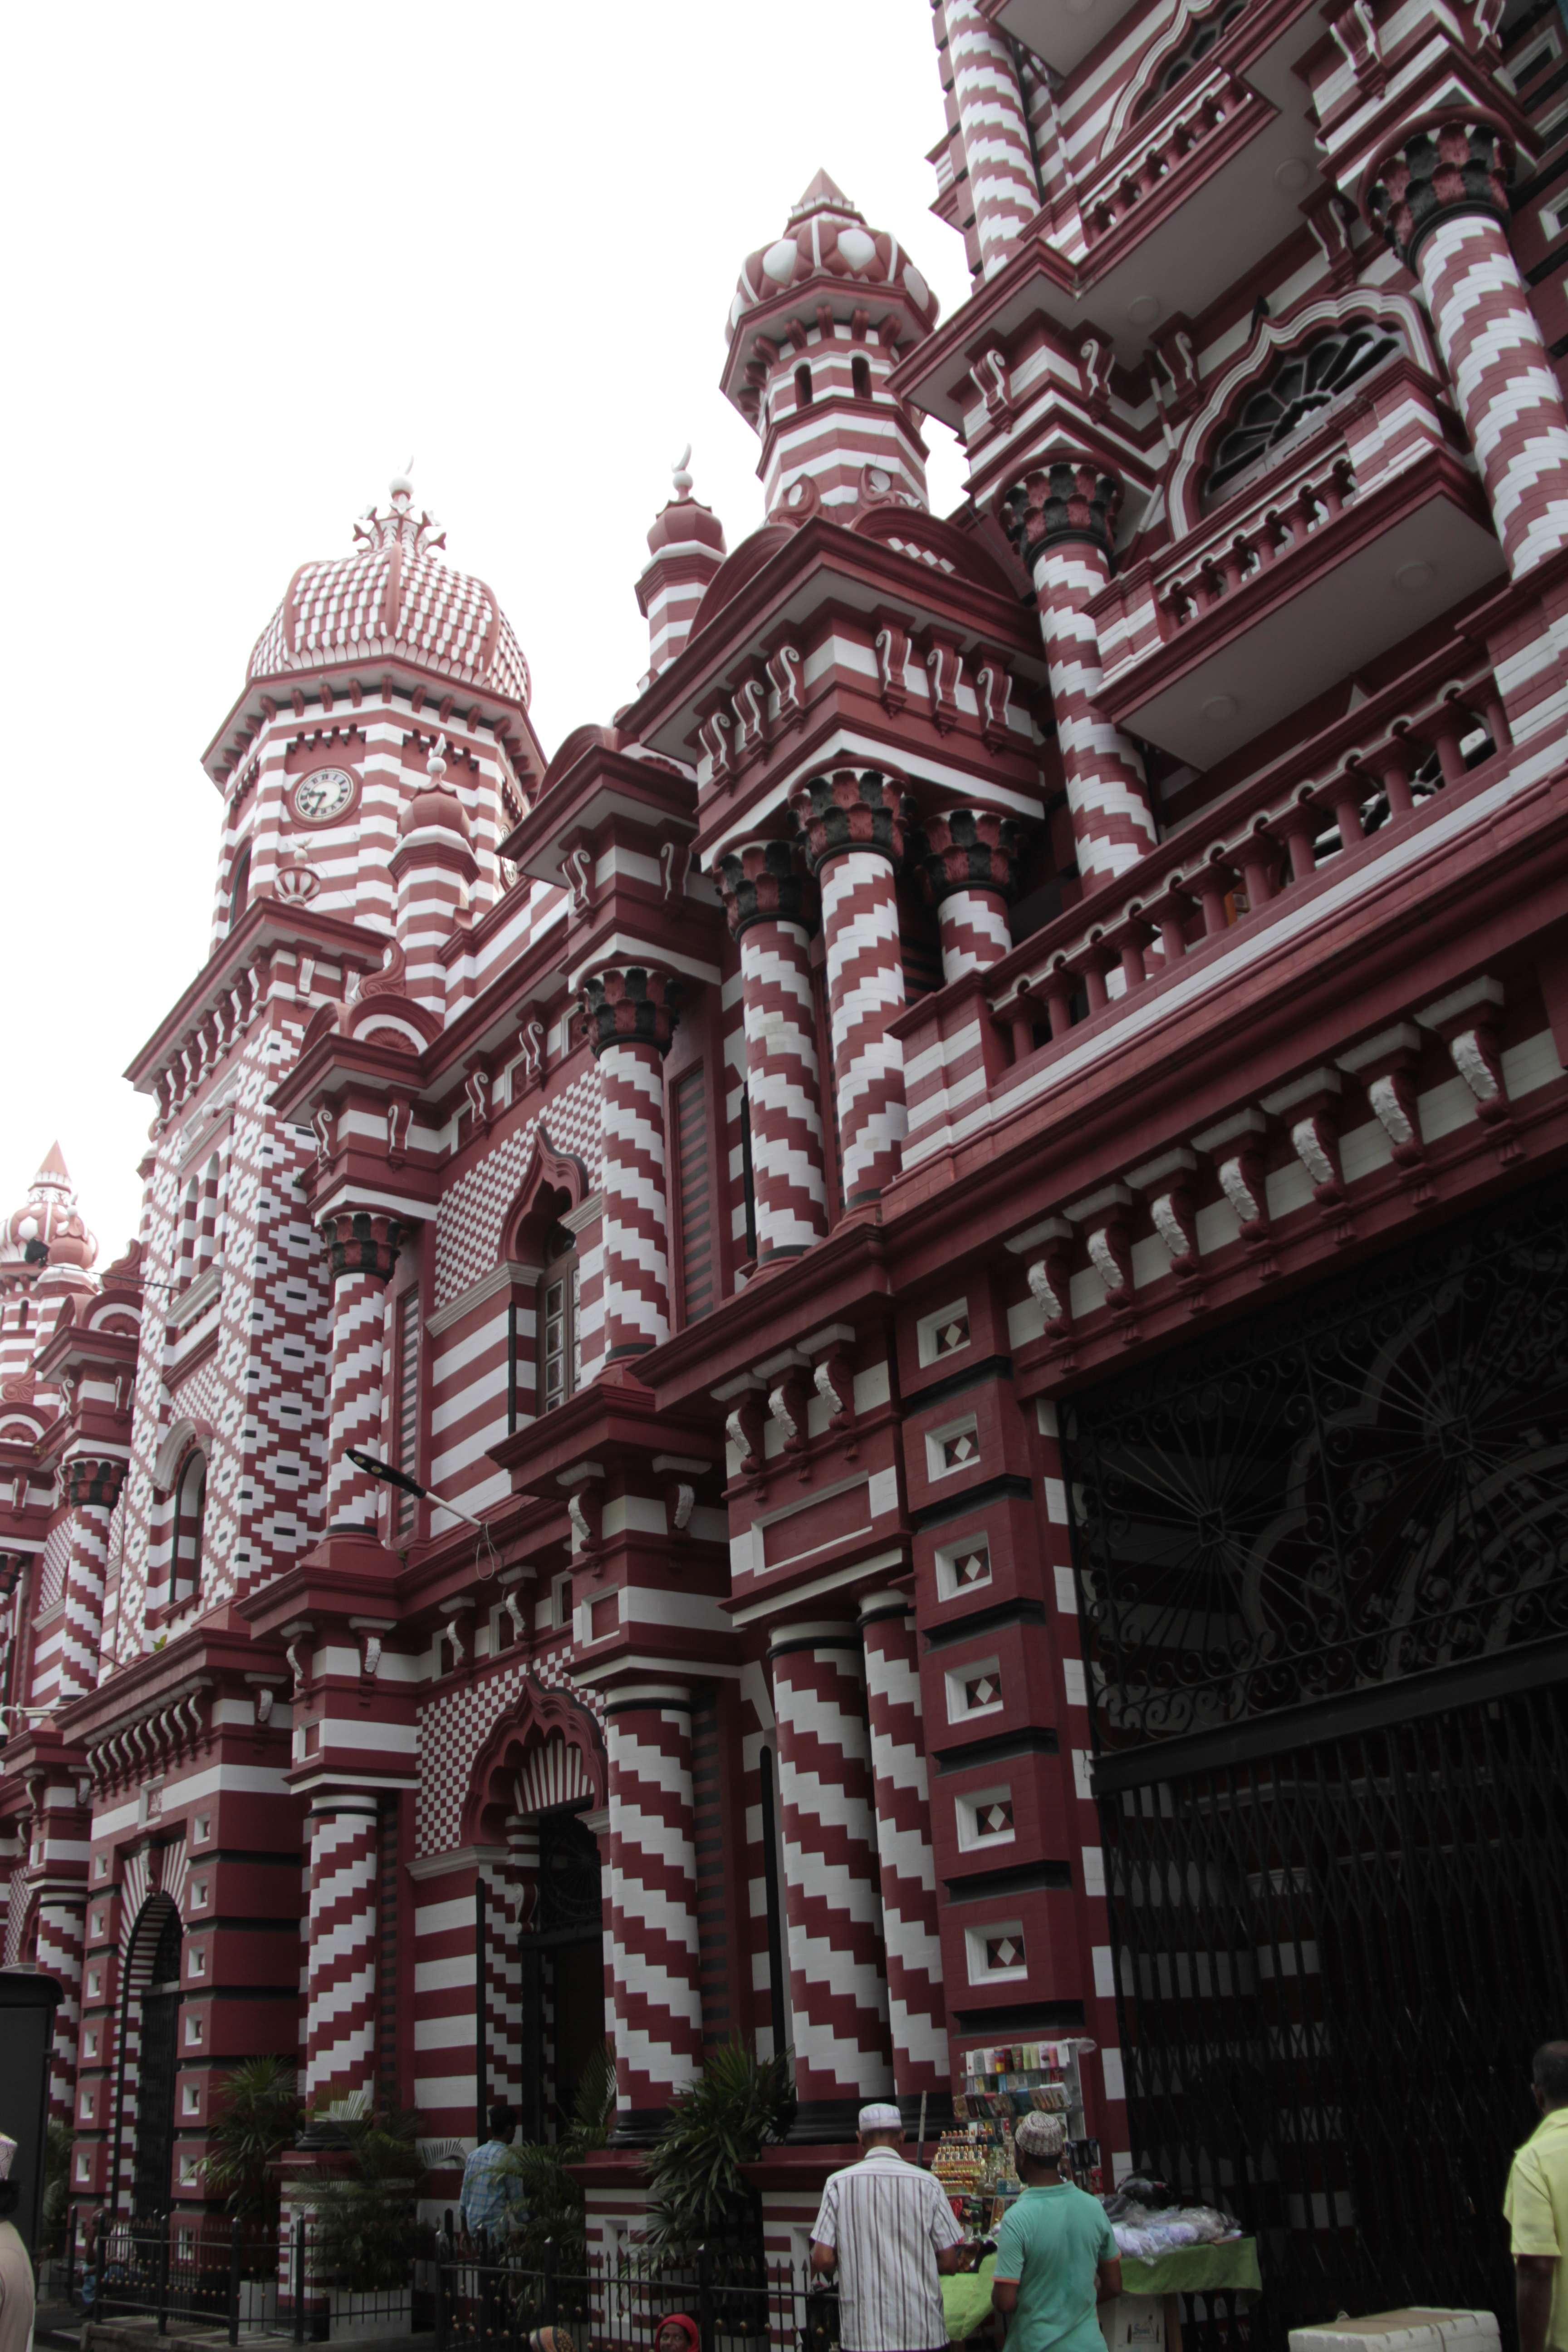 Sri Lanka aout 2017_0019 Colombo Red Masjid